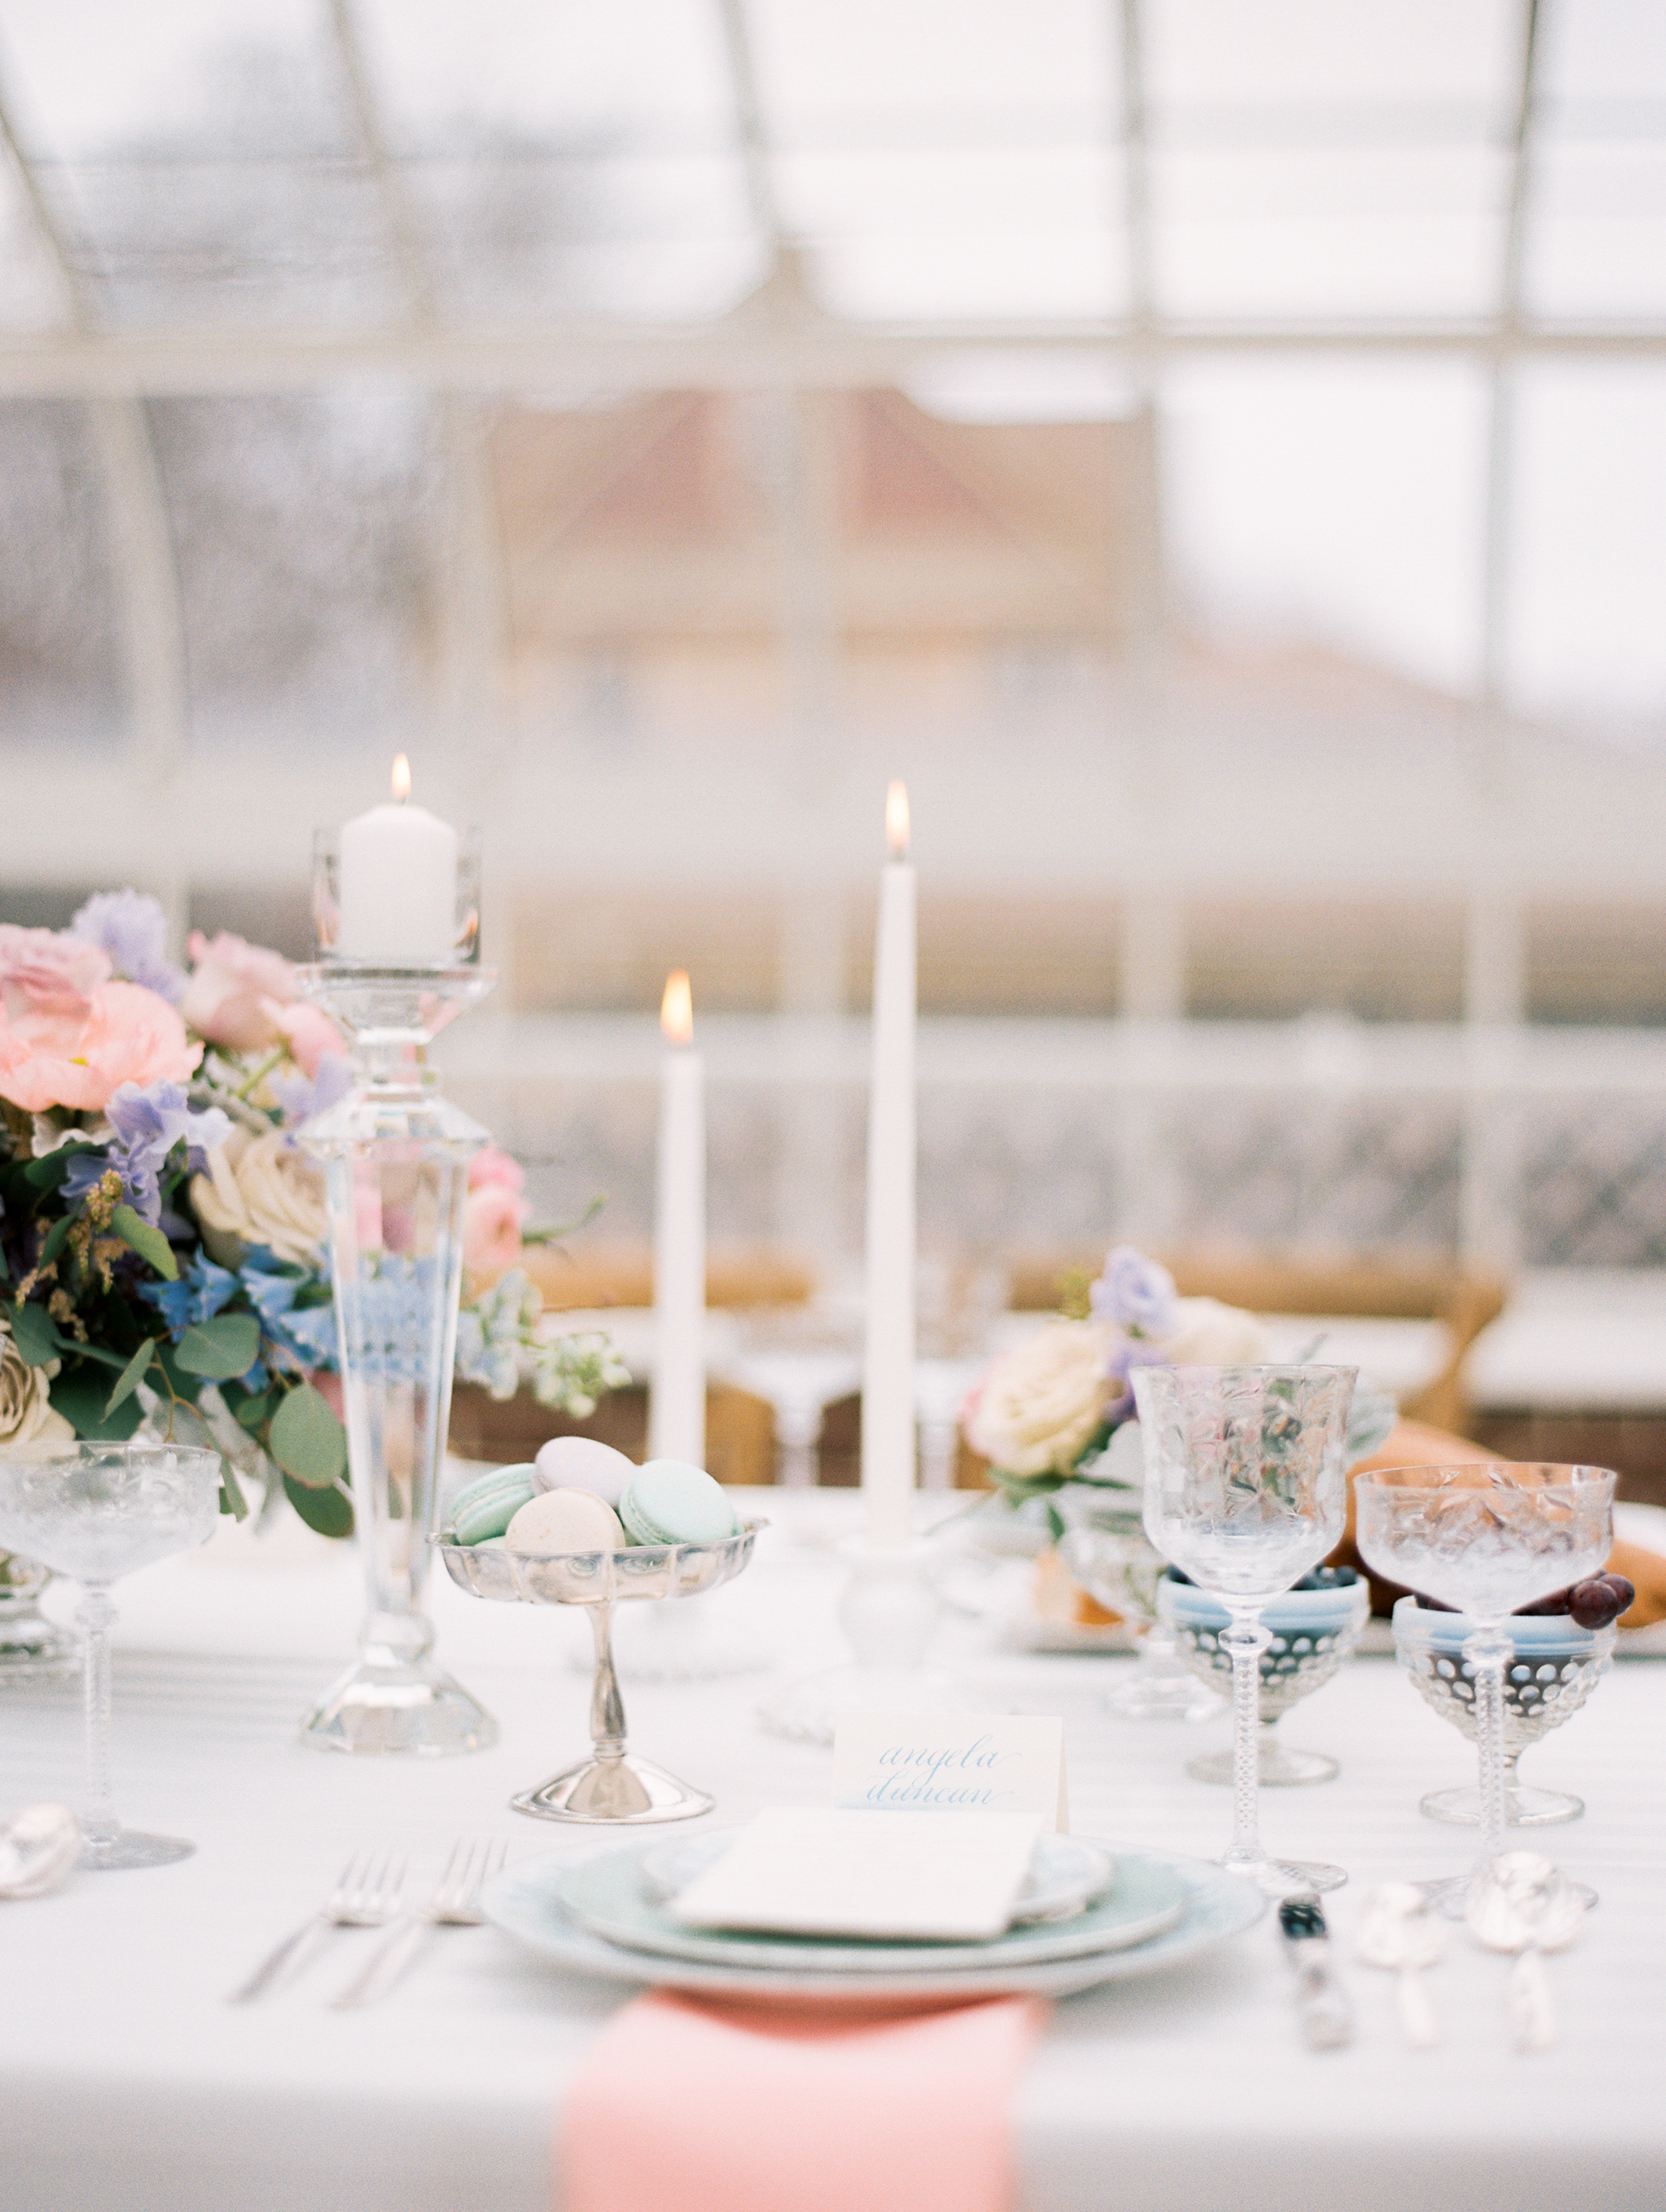 Kristin-La-Voie-Photography-Chicago-Wedding-Photographer-Cheney-Mansion-61.jpg